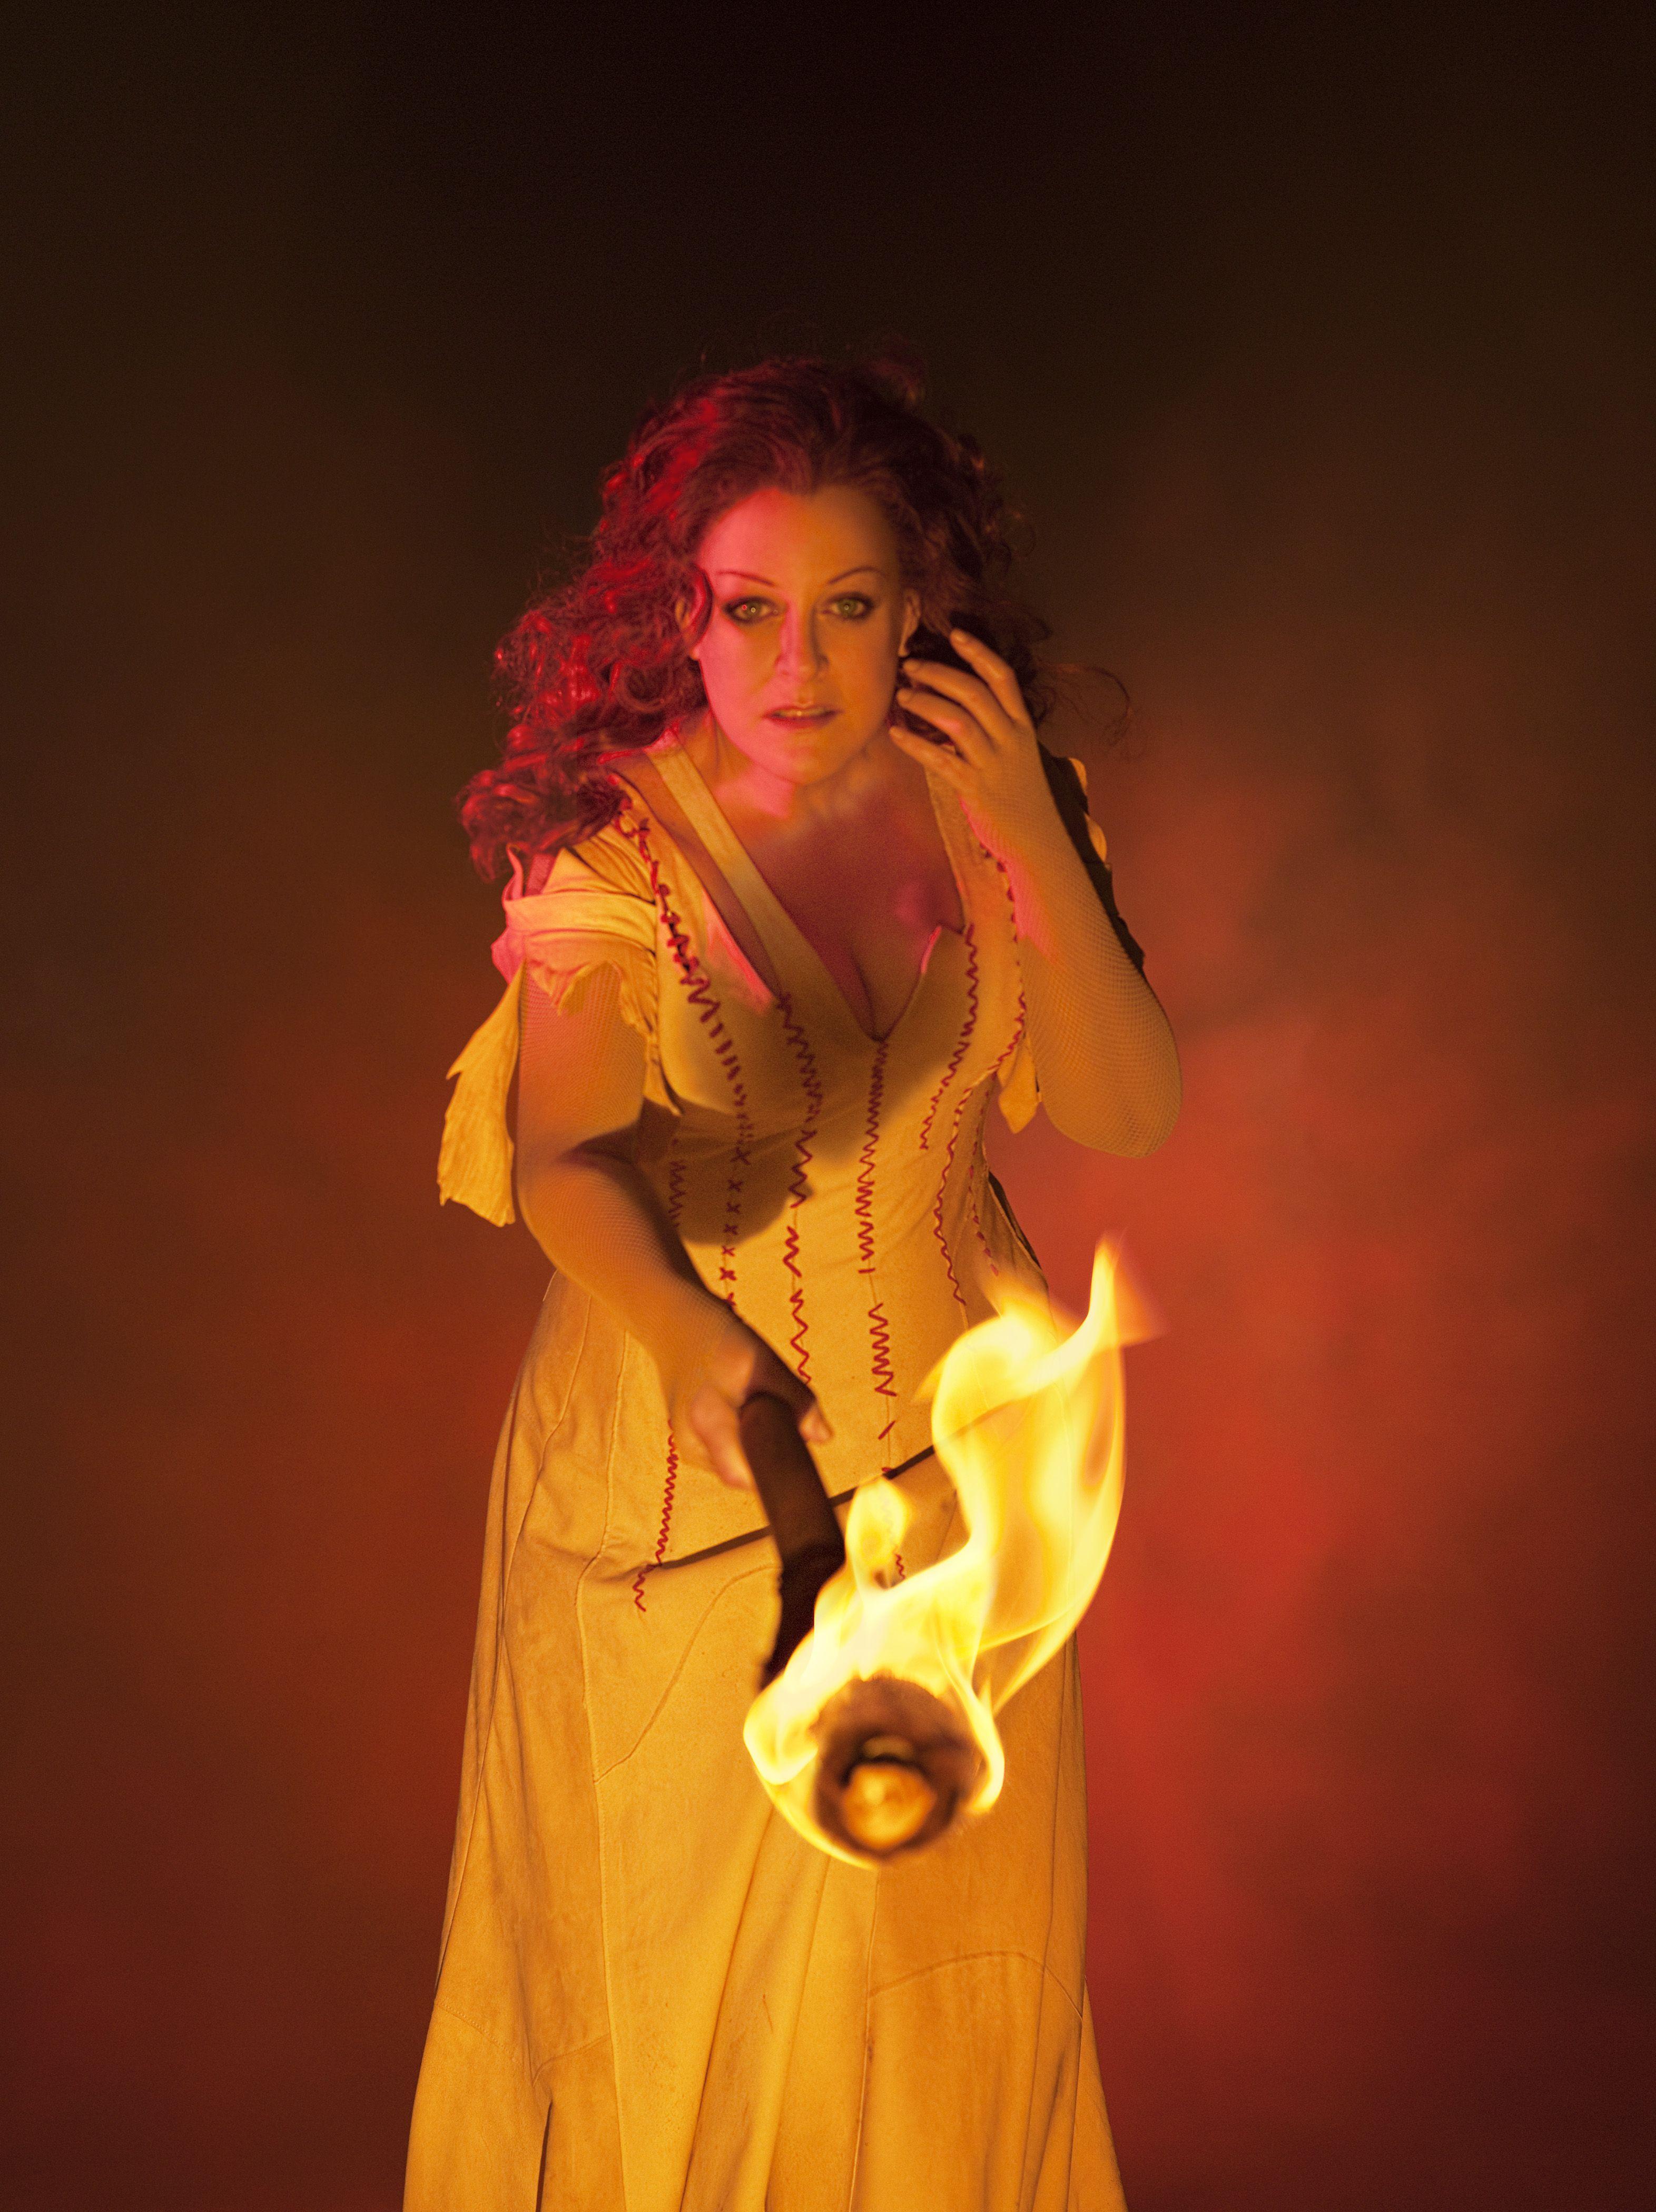 Götterdämmerung C'mon Brünnhilde, light my fire